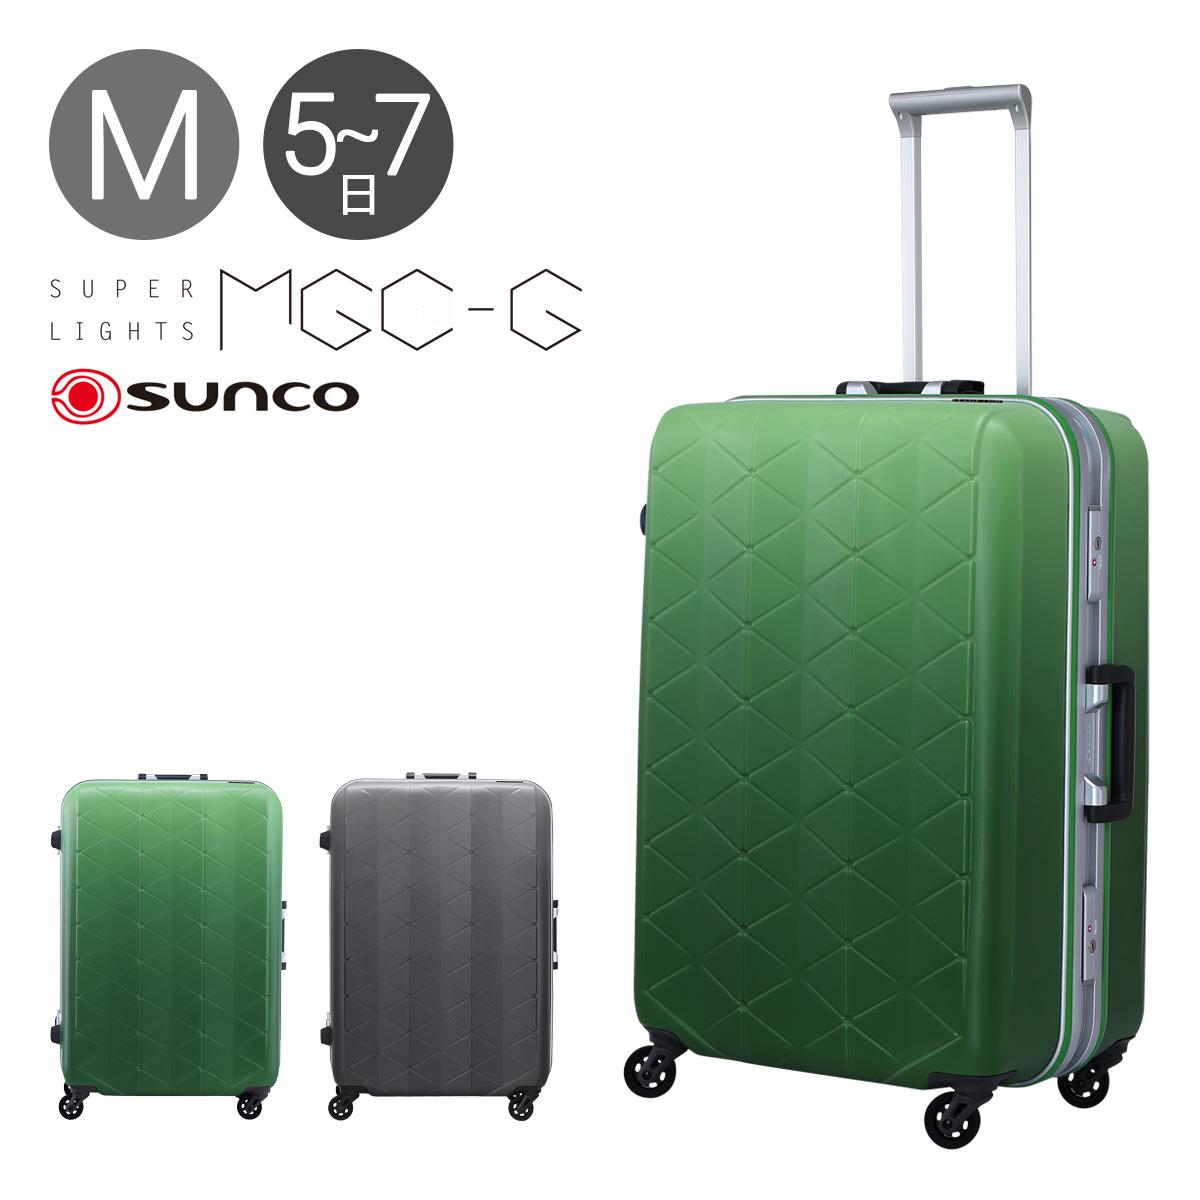 サンコー スーツケース 73L 63cm 3.8kg スーパーライトMGC-G グラデーション 極軽 MGCG-63 SUNCO|ハード フレーム キャリーケース 軽量 TSAロック搭載 HINOMOTO[PO10][bef][即日発送]